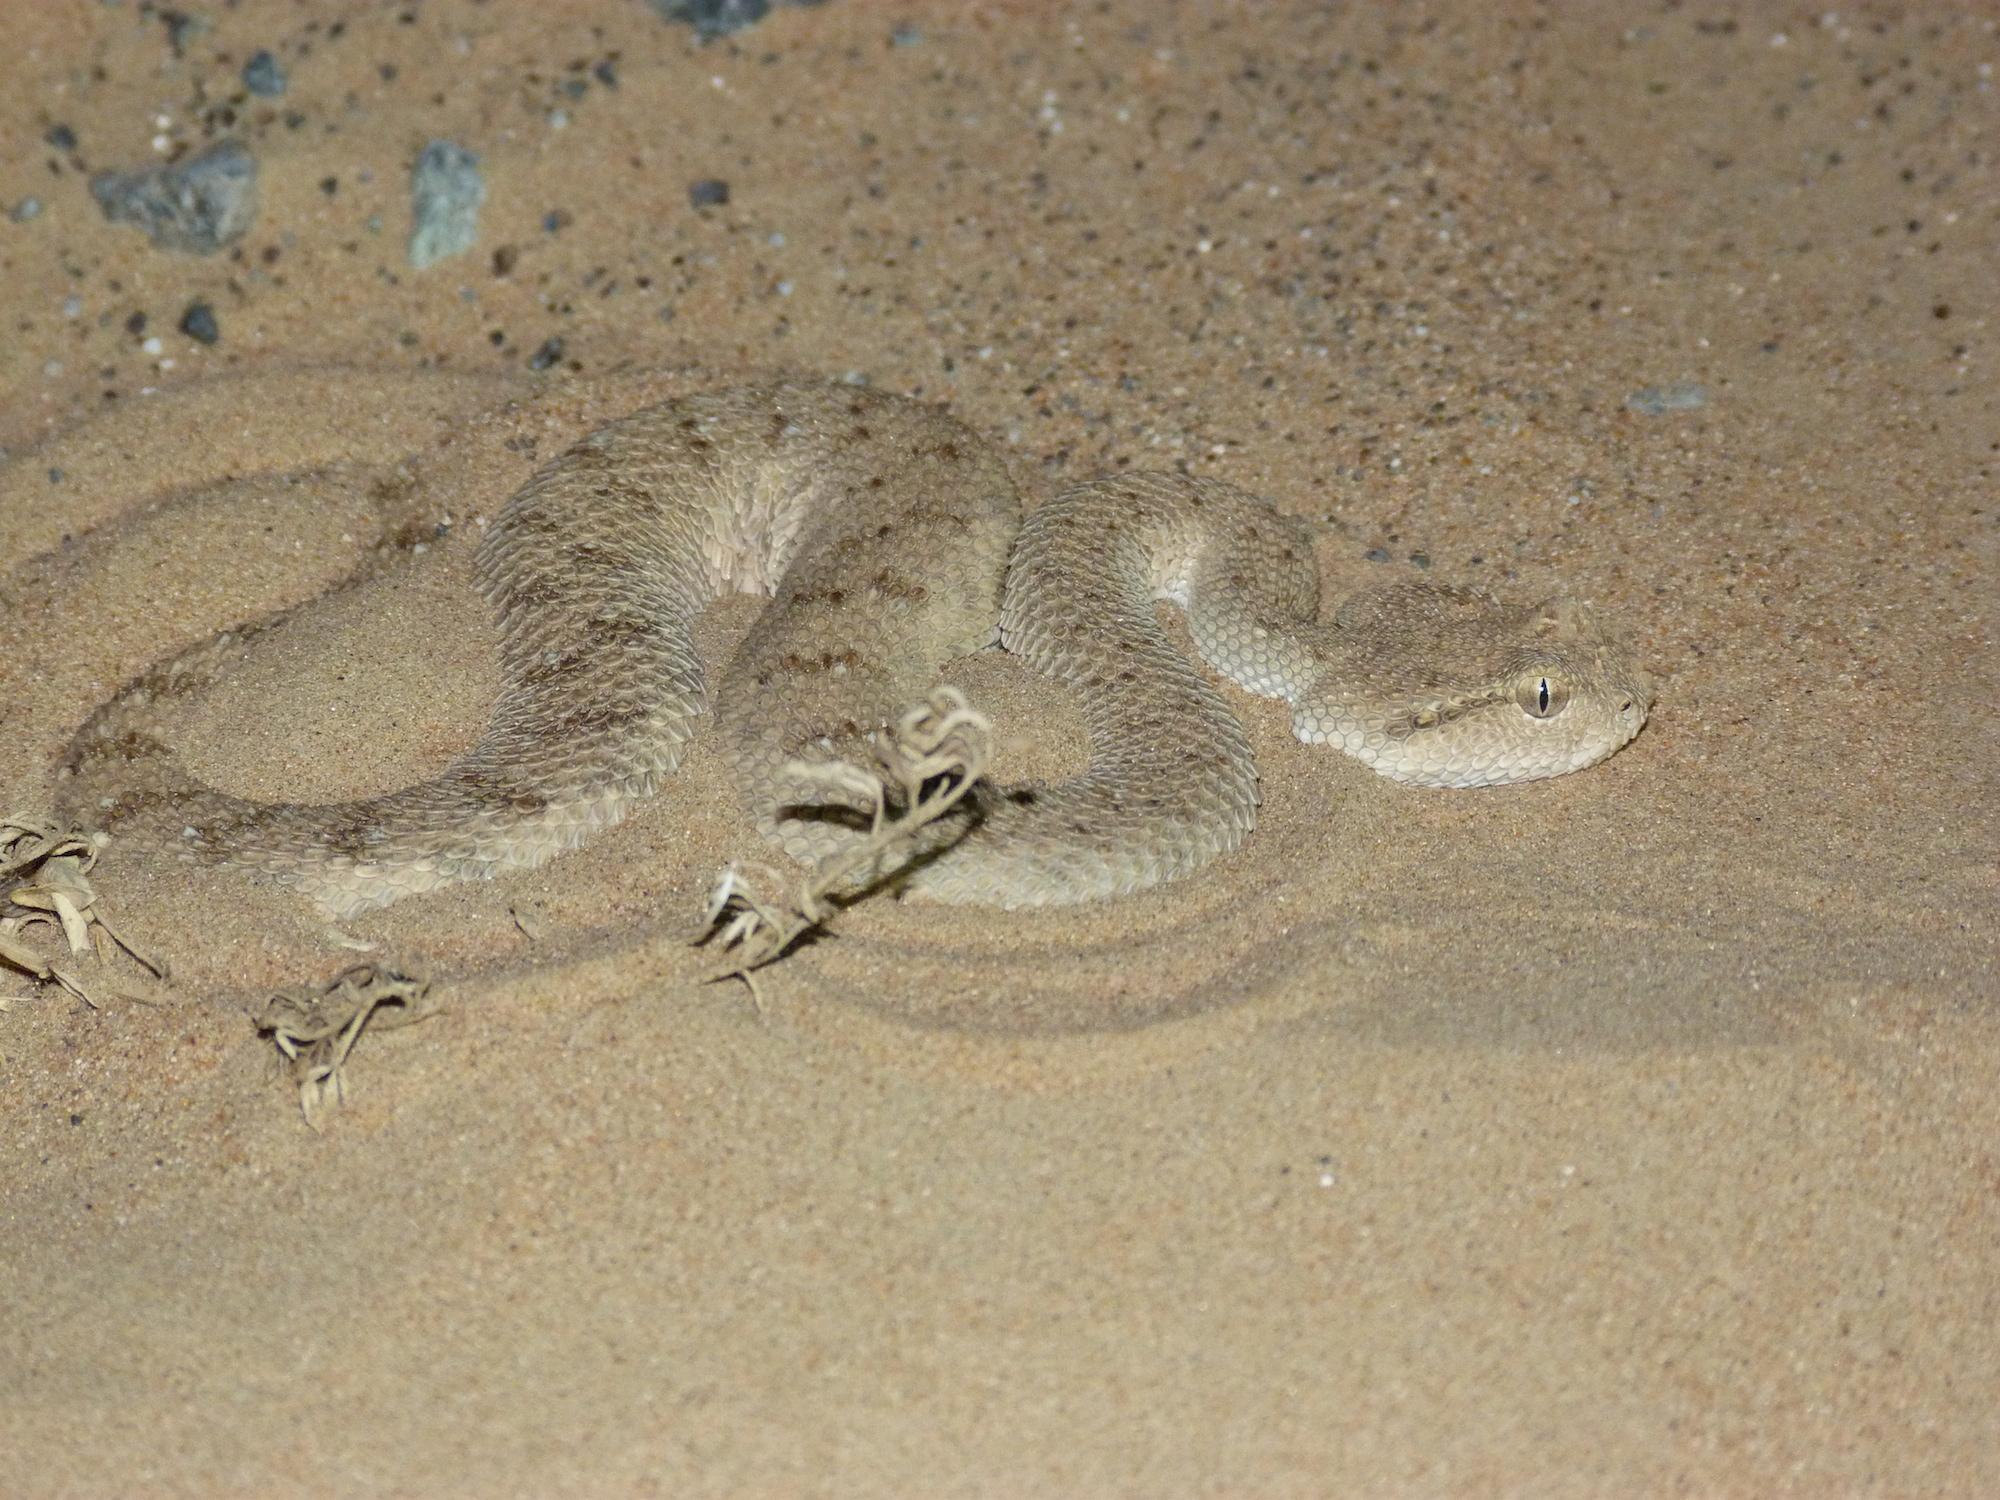 Snake in sand in UAE